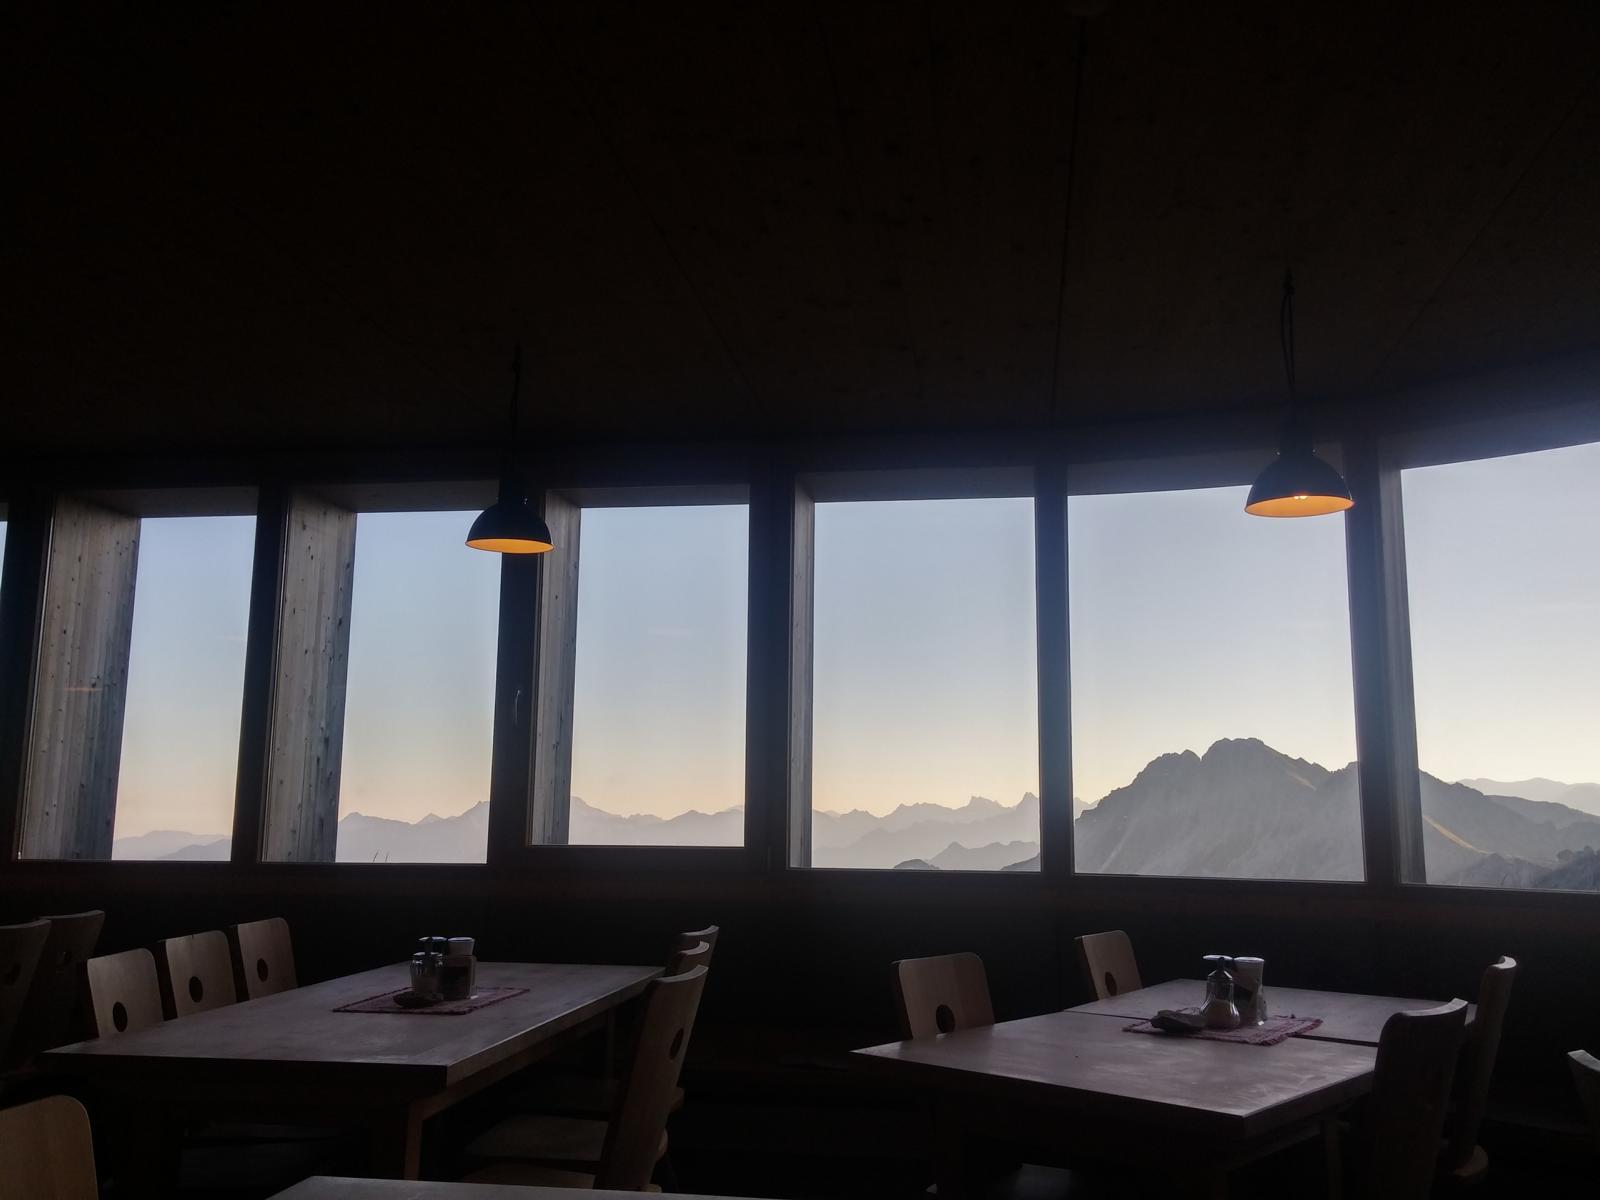 Ausblick beim Frühstück auf der Hütte